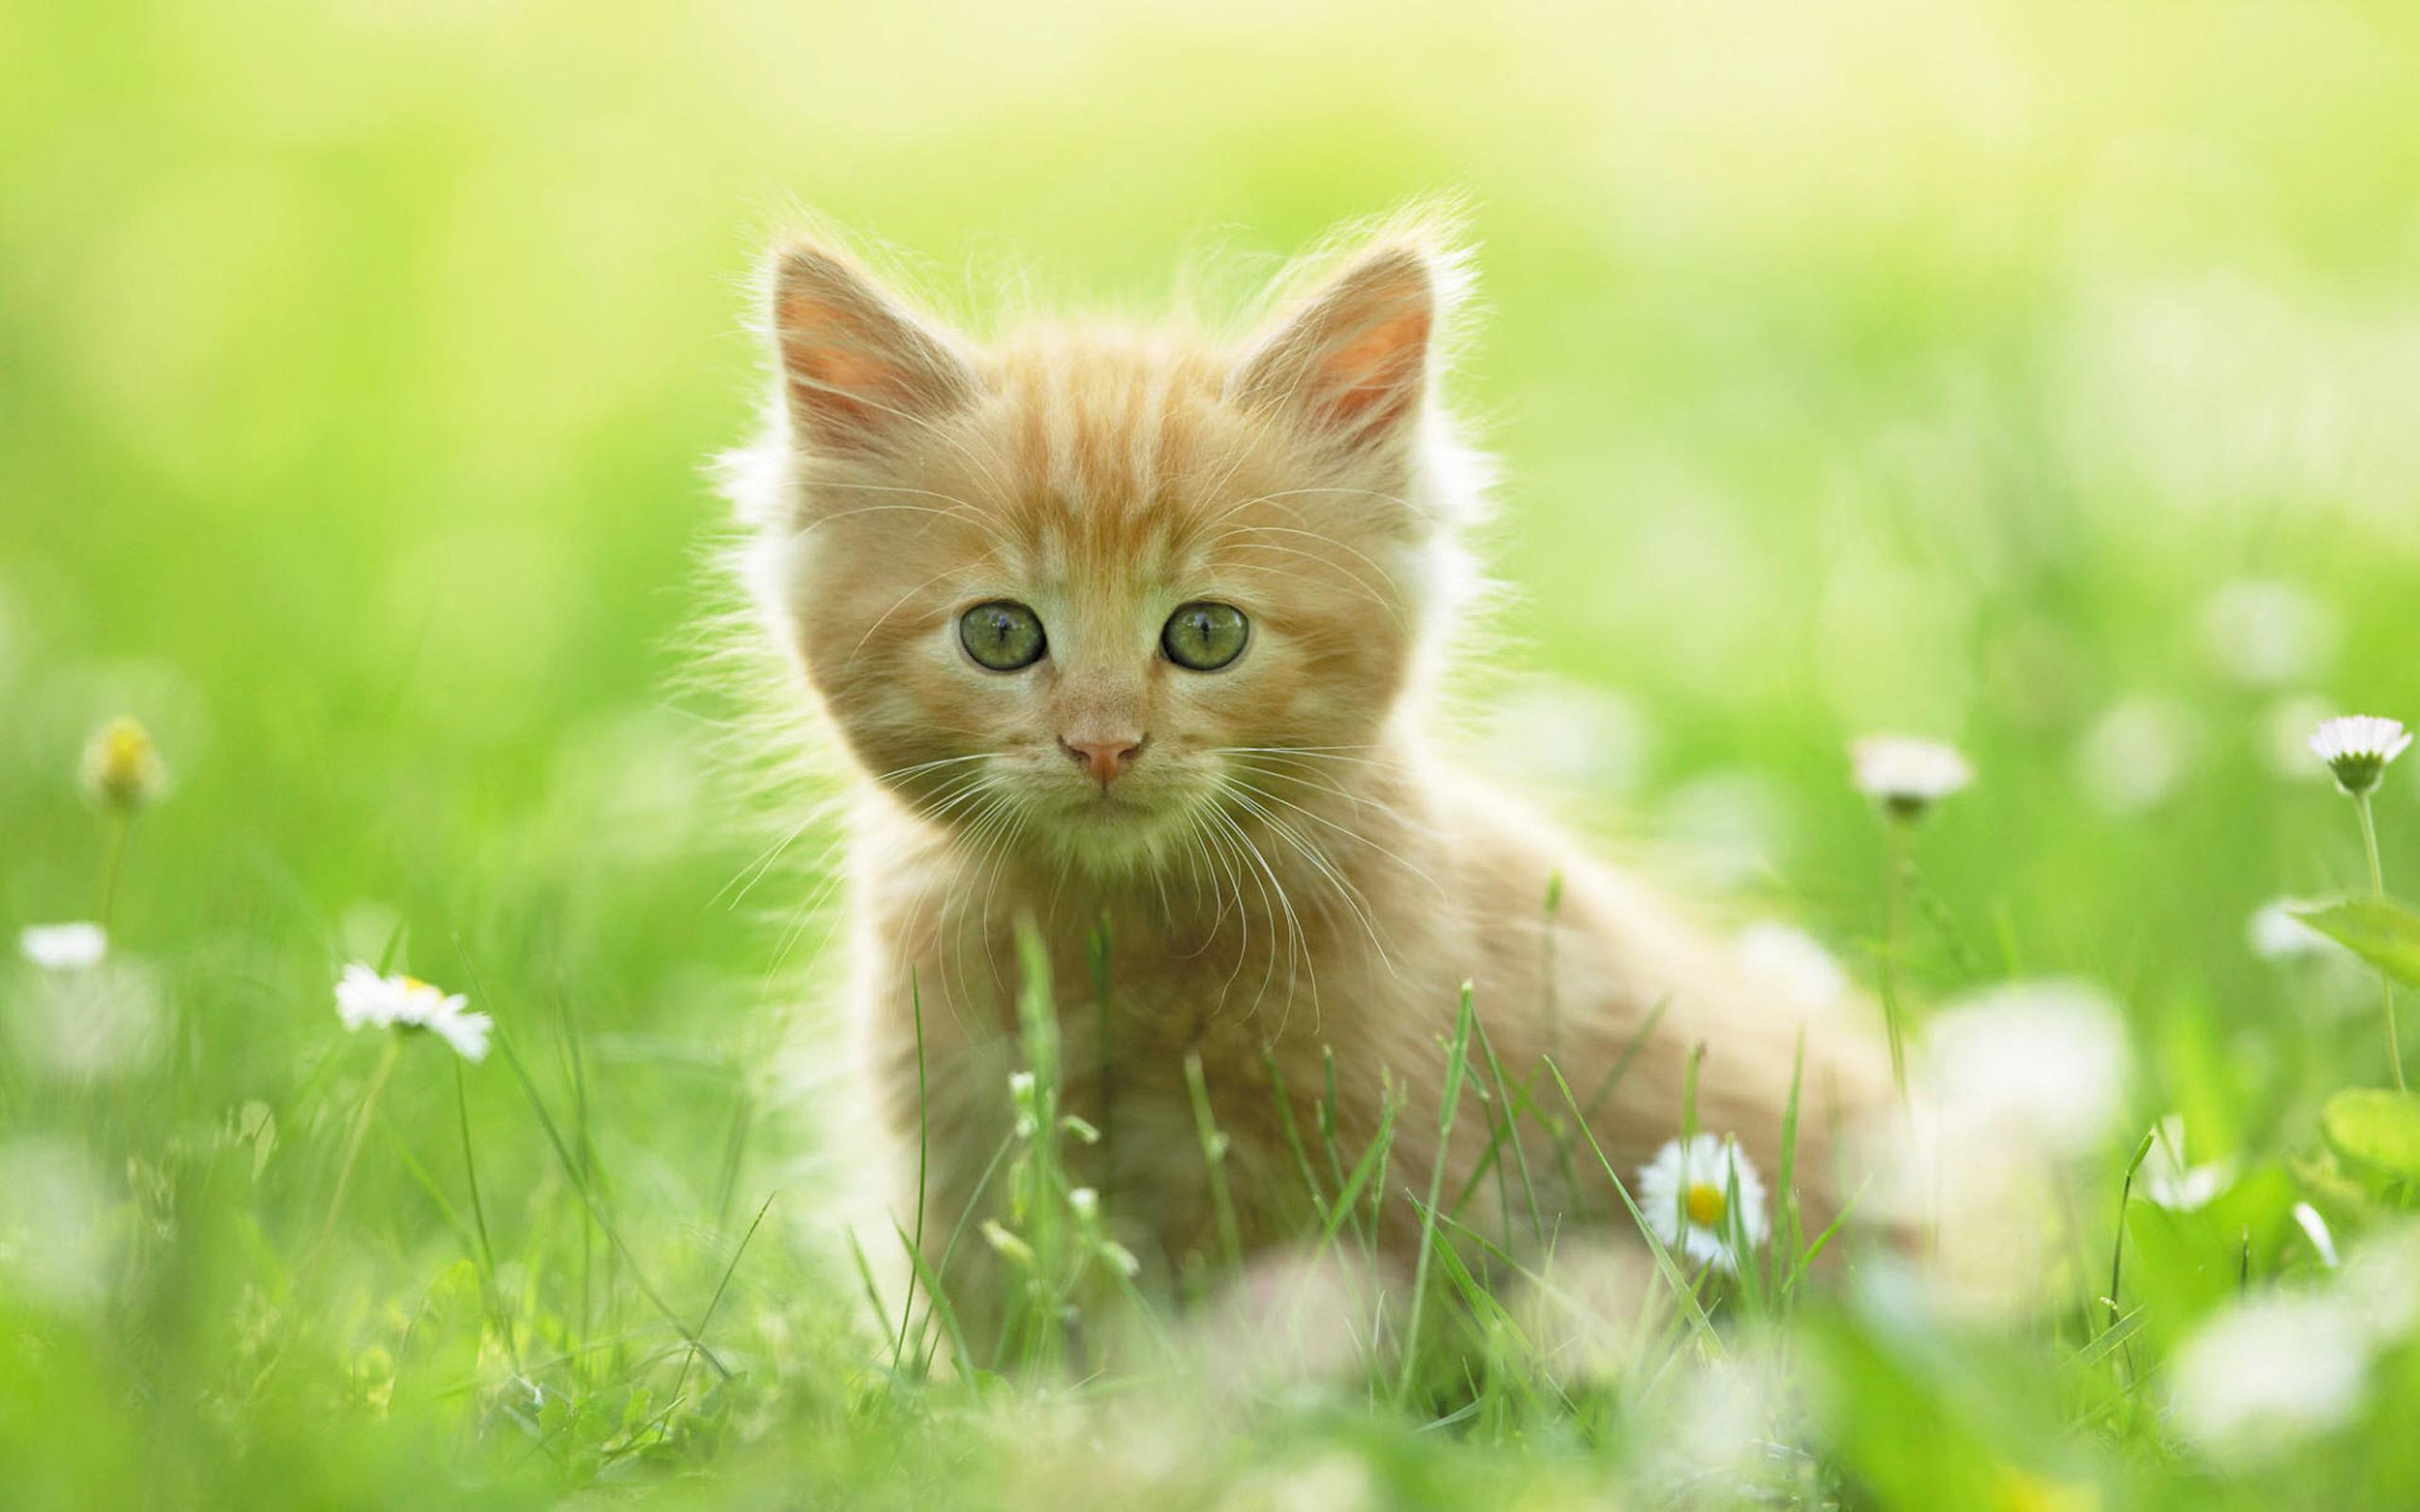 Cute Kitten Wallpaper Cats